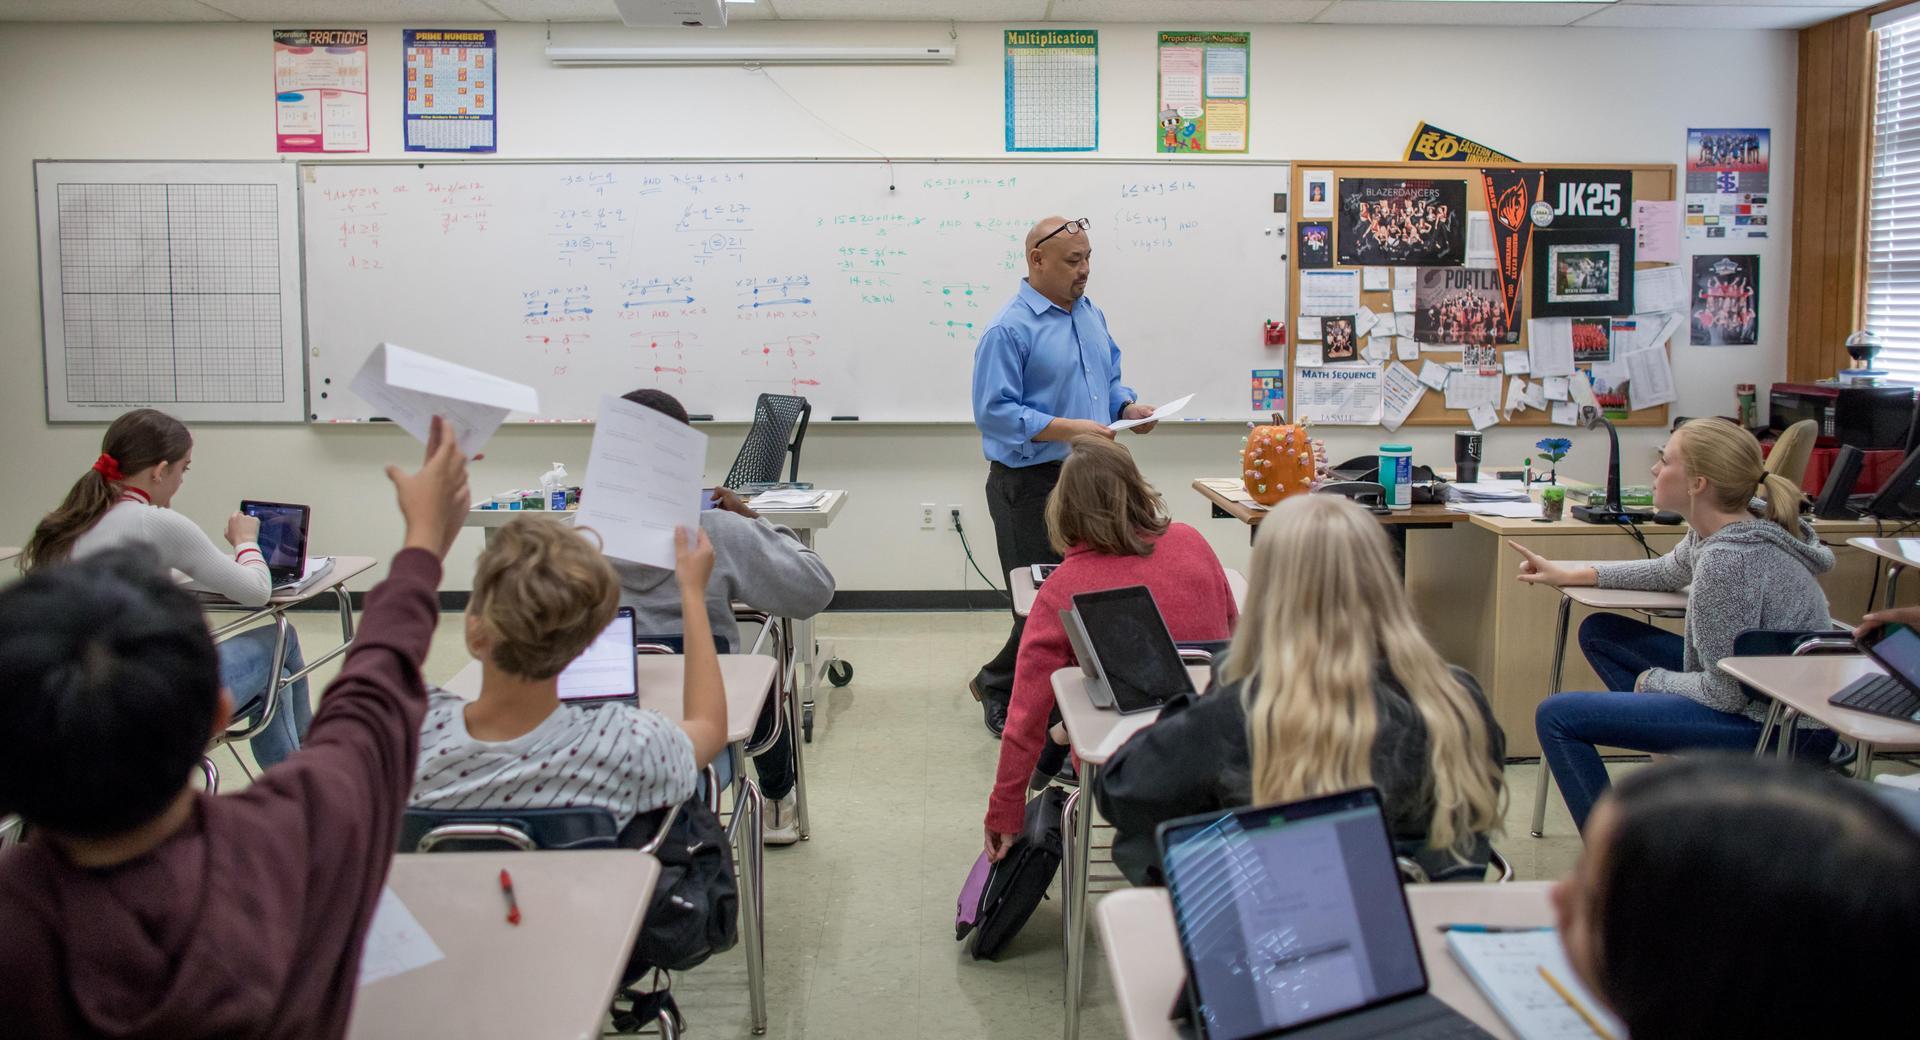 teacher up front of classroom